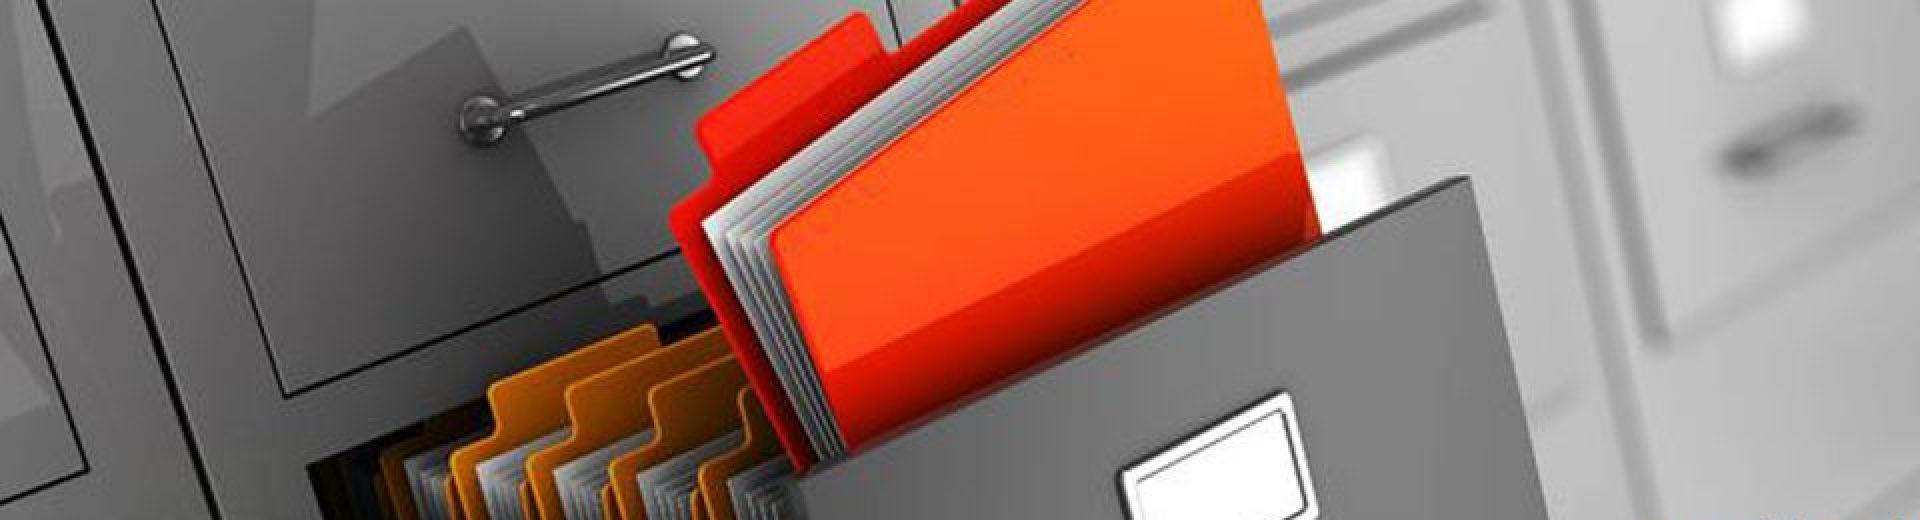 Software abogados para la Gestión de Expedientes.    Telf.: 93 681 39 44